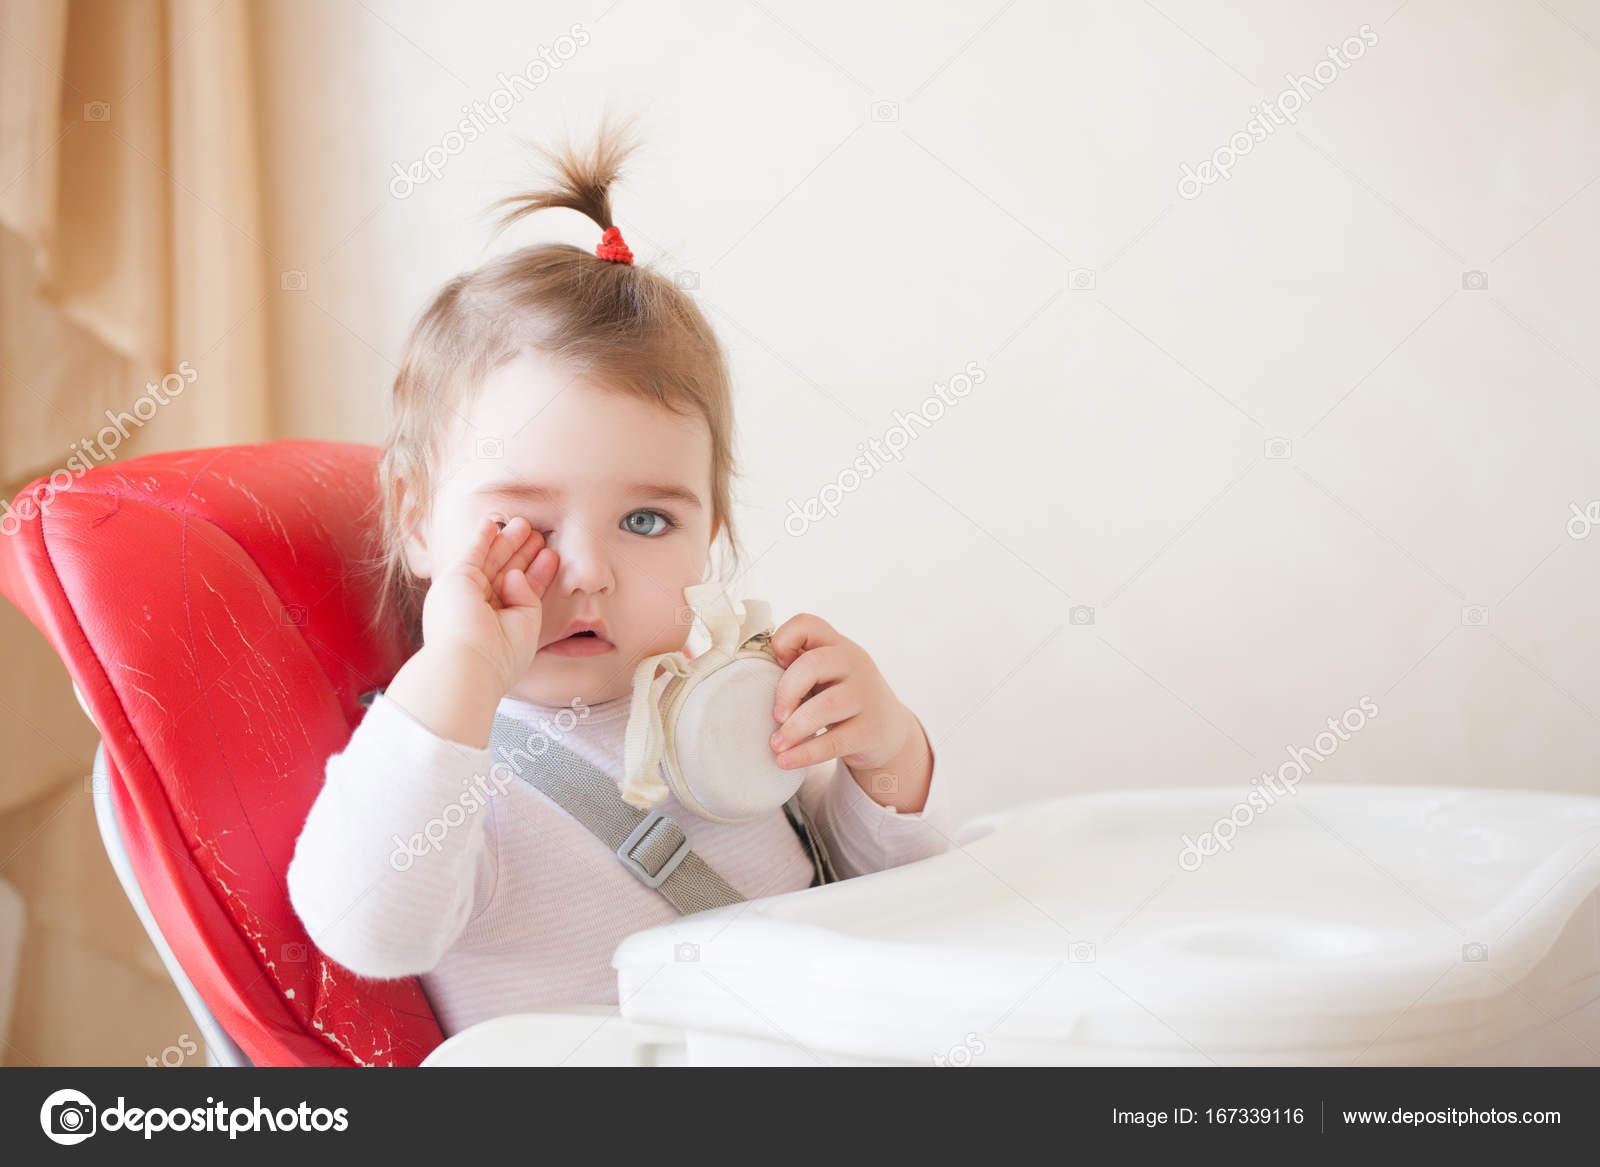 Baby meisje zit in de rode stoel u2014 stockfoto © luzgareva #167339116